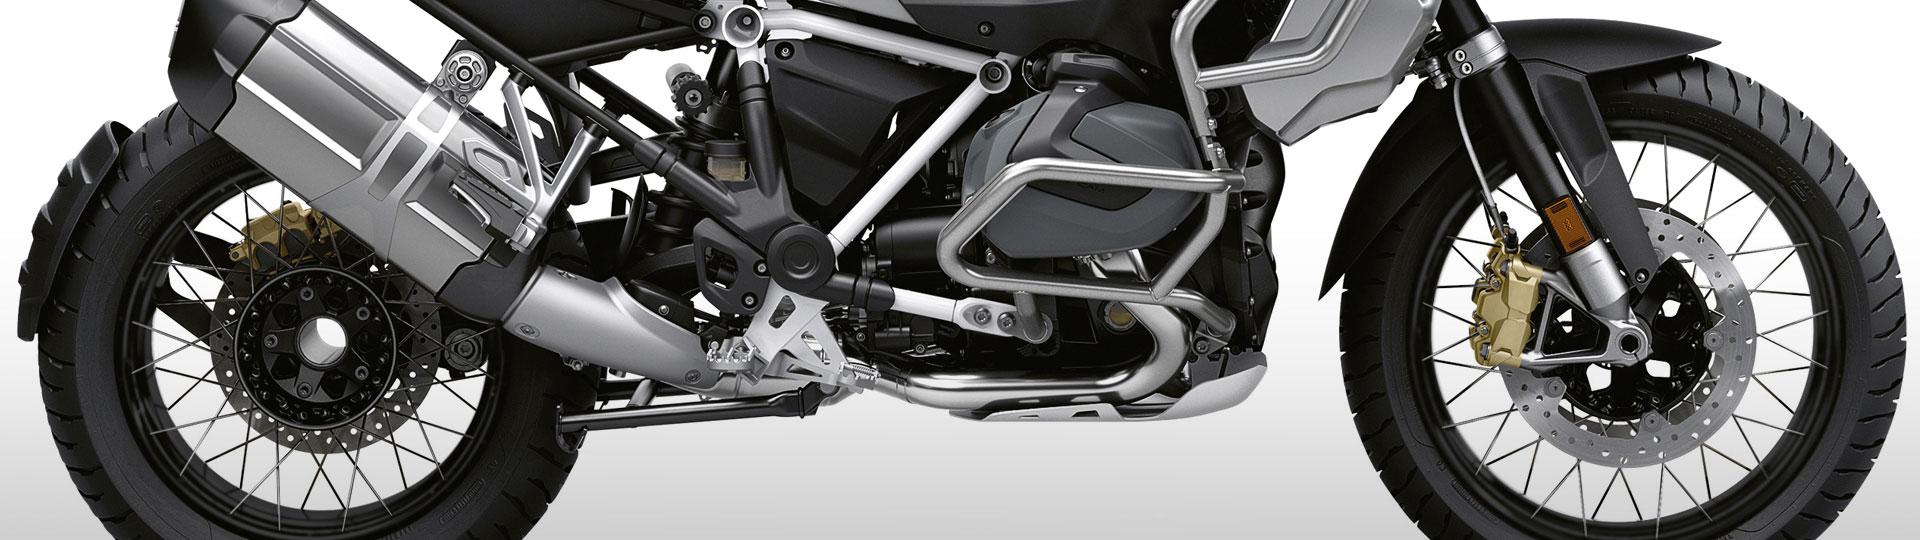 www.bmw-motorrad.es